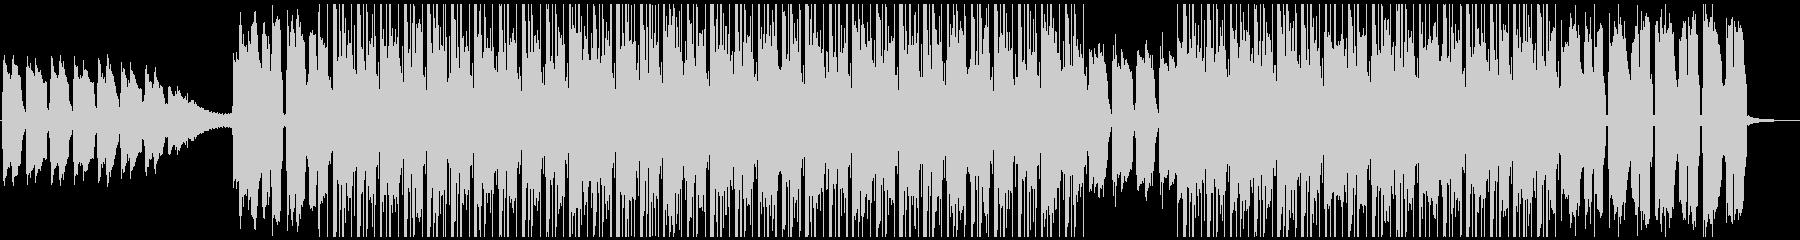 ギターの落ち着いたサウンドが特徴のBGMの未再生の波形